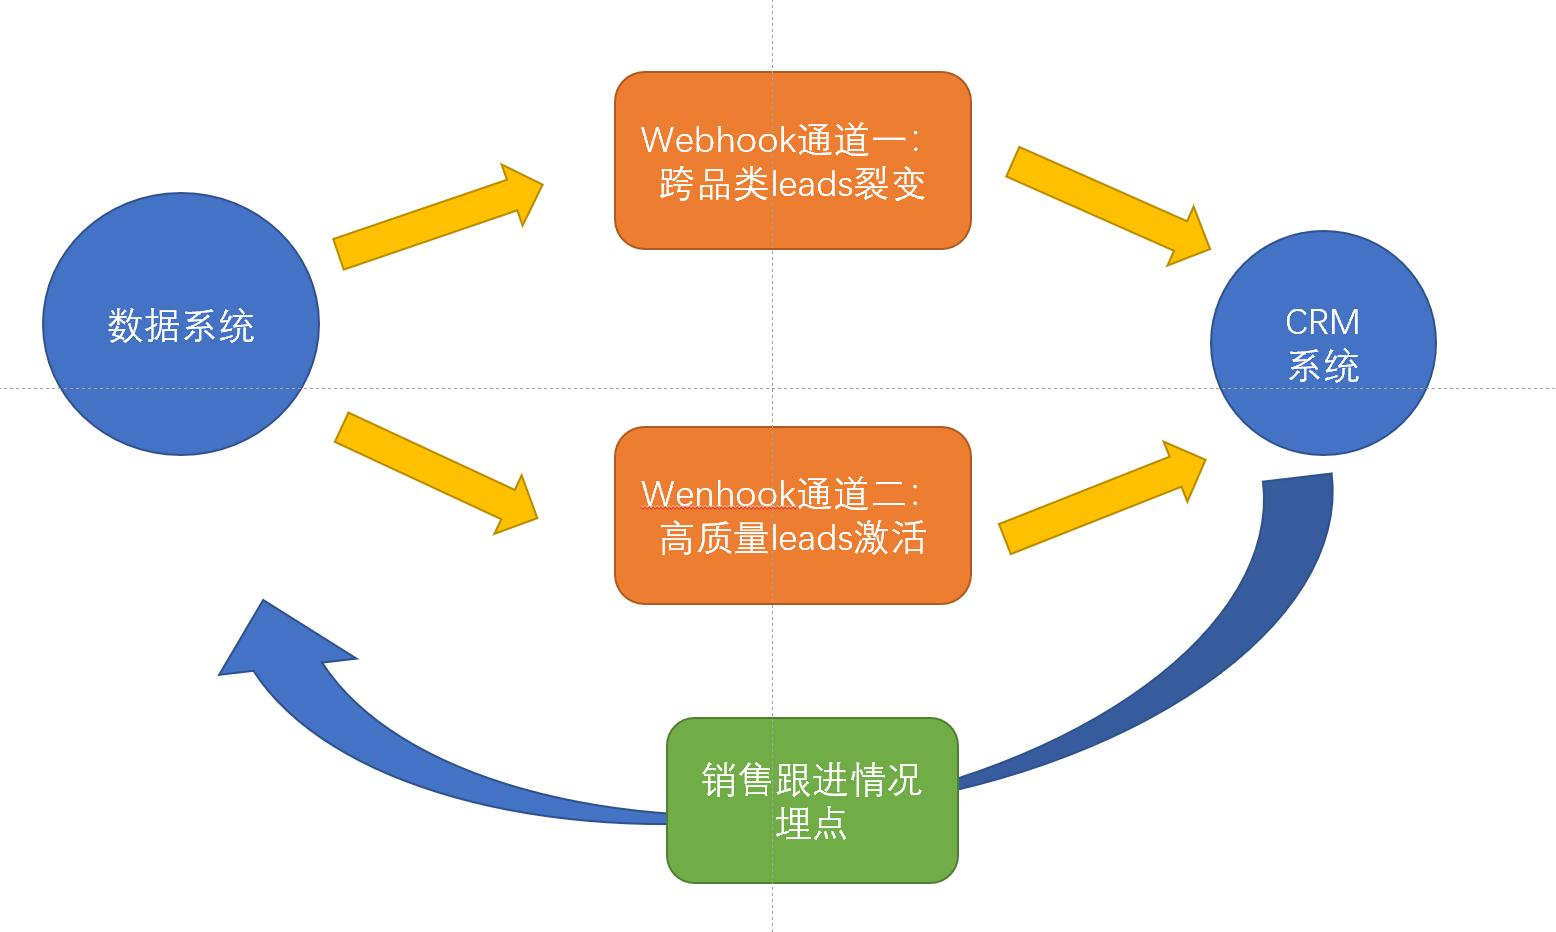 在线教育大数据营销平台实战(五):CRM线索培育机制及动态评分模型